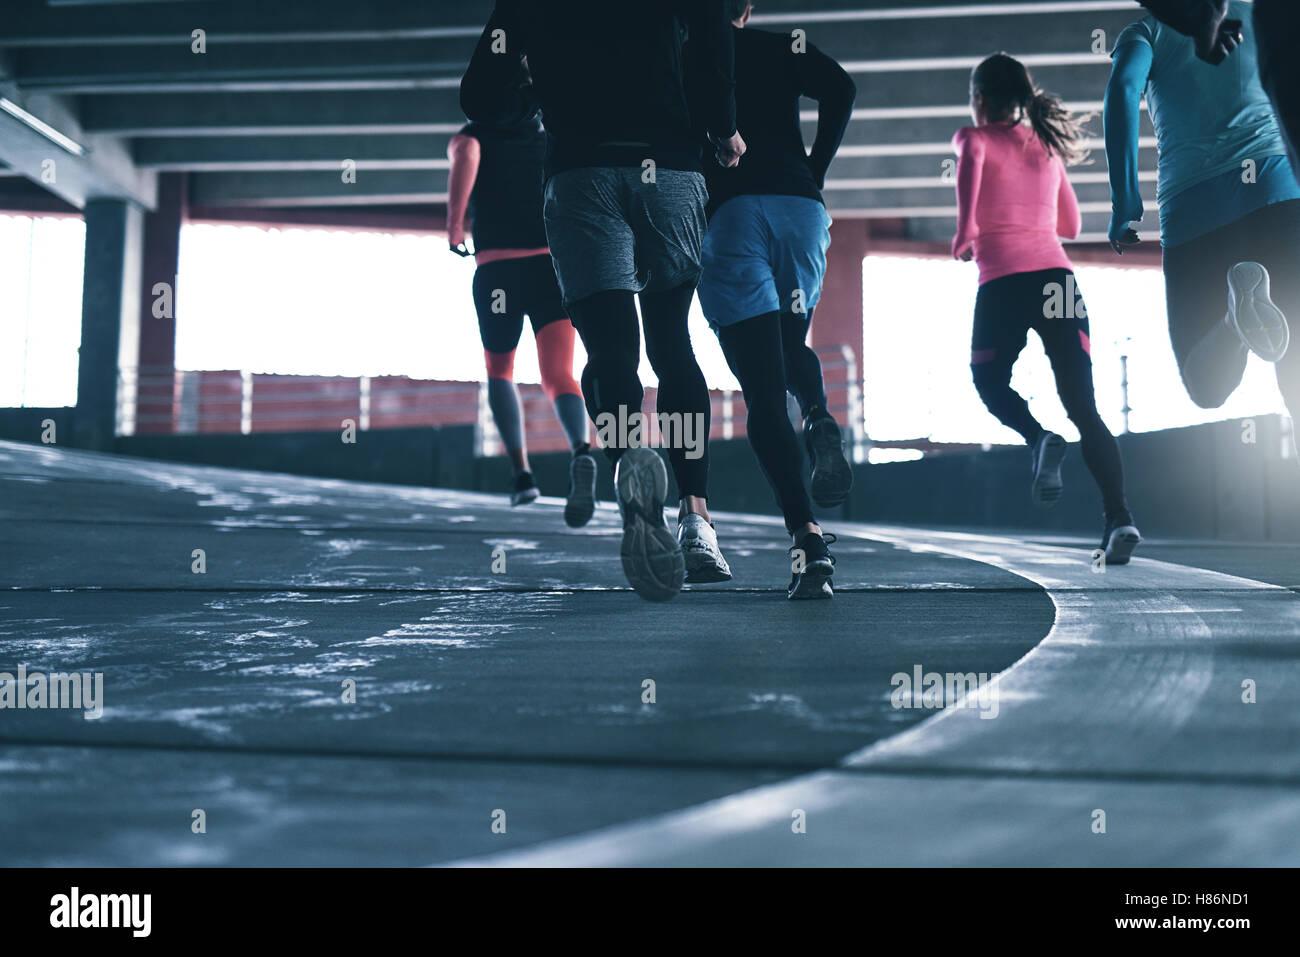 Rückansicht der unkenntlich Sportler im Parkplatz laufen. Exemplar Stockfoto